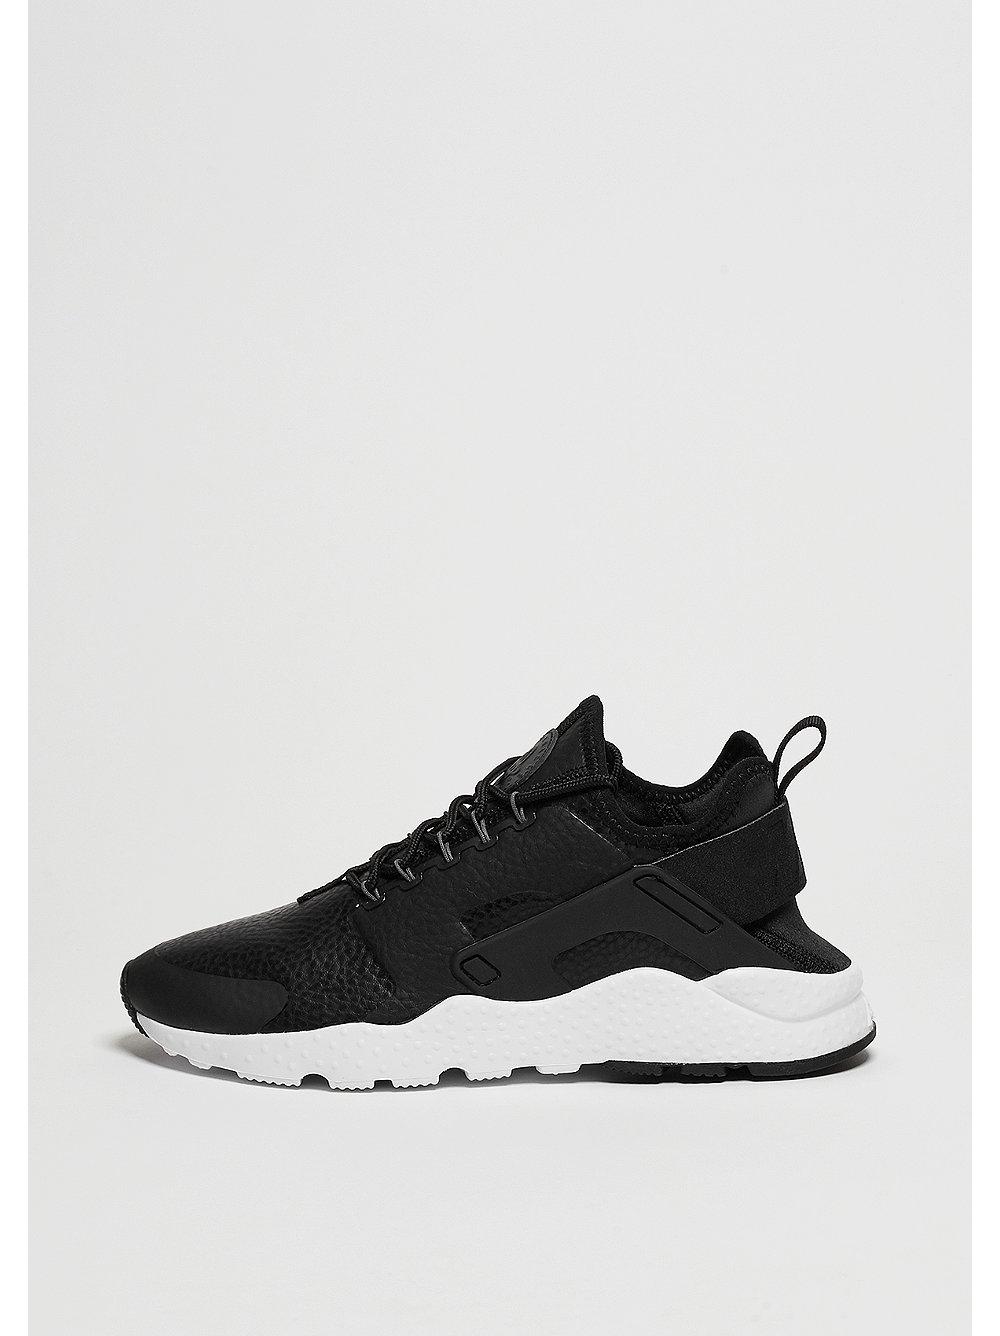 Nike Air Huarache Run Ultra damessneaker zwart, grijs en wit